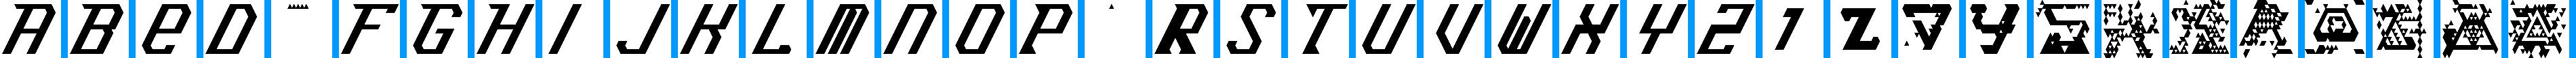 Particip-a-type v.242